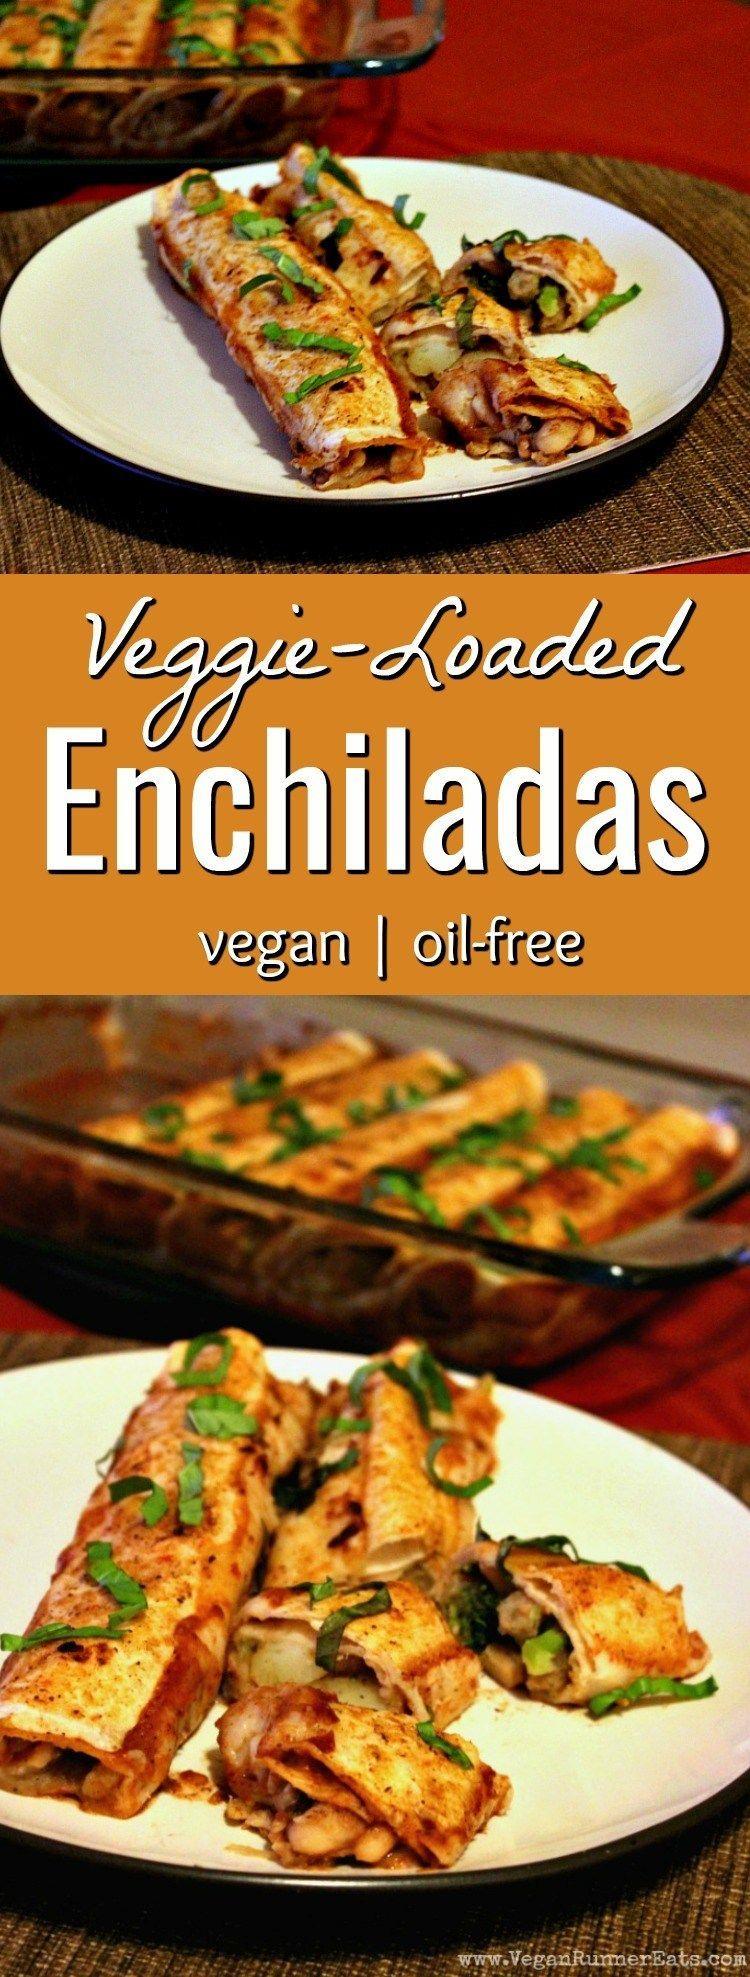 Easy veggie-loaded vegan enchiladas recipe - plant-based, vegan, oil-free enchiladas recipe that will please both vegans and omnivores! vegan enchilada recipe veggie-loaded vegan enchiladas recipe - plant-based, vegan, oil-free enchiladas recipe that will please both vegans and omnivores! vegan enchilada recipe   oil-free enchiladas recipe   plant-based enchiladas recipe   vegetarian enchiladas   meatless enchila...